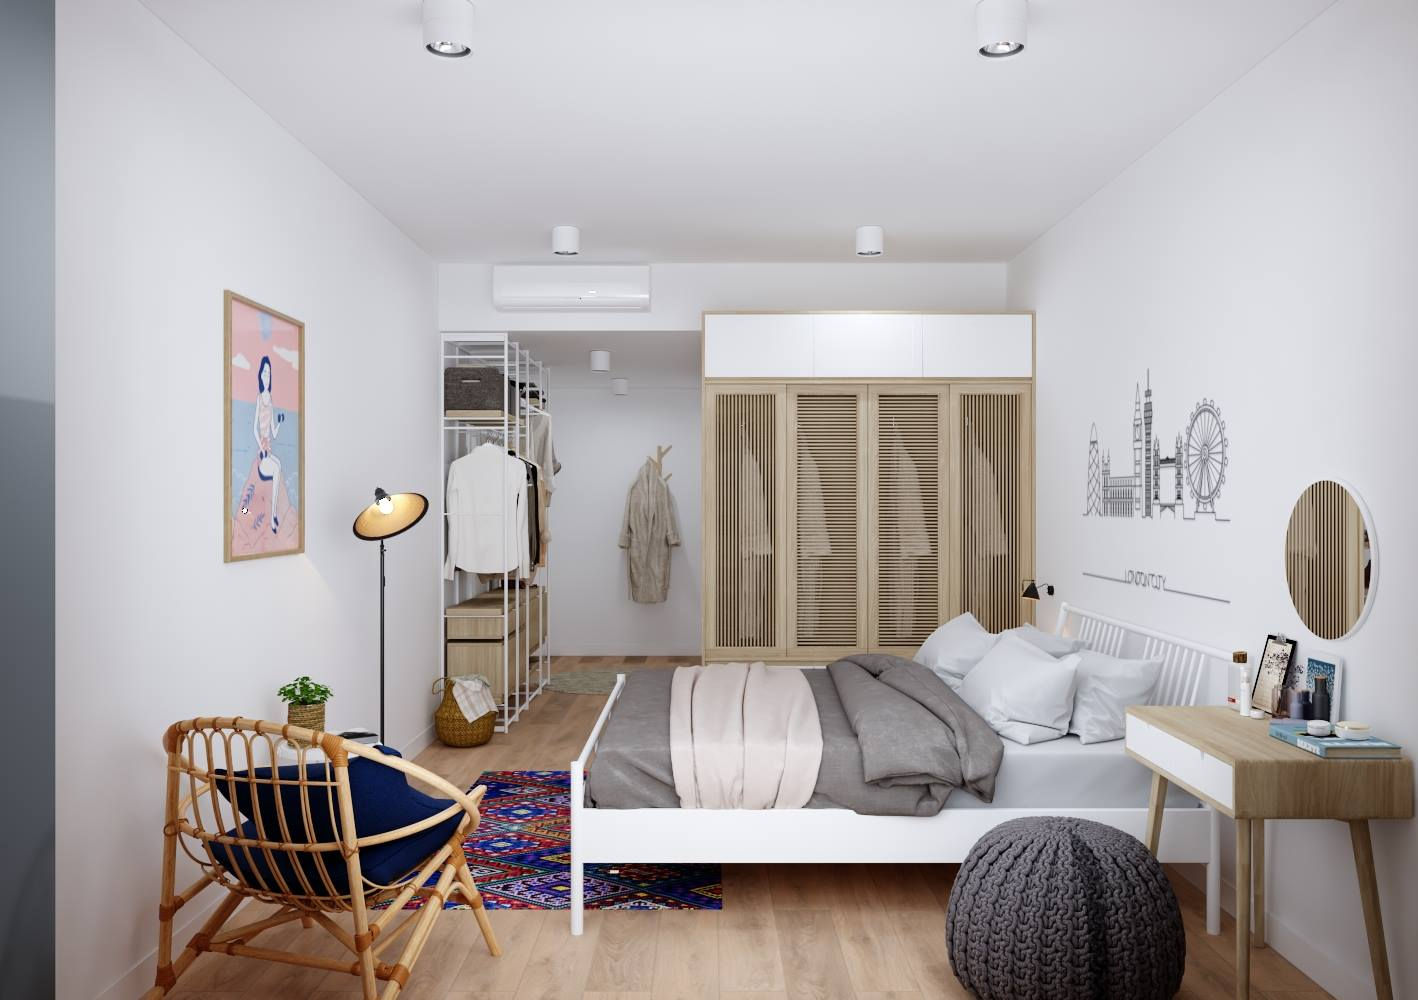 Thiết kế nội thất phòng ngủ sang trọng cho chung cư - gia đình anh Quốc